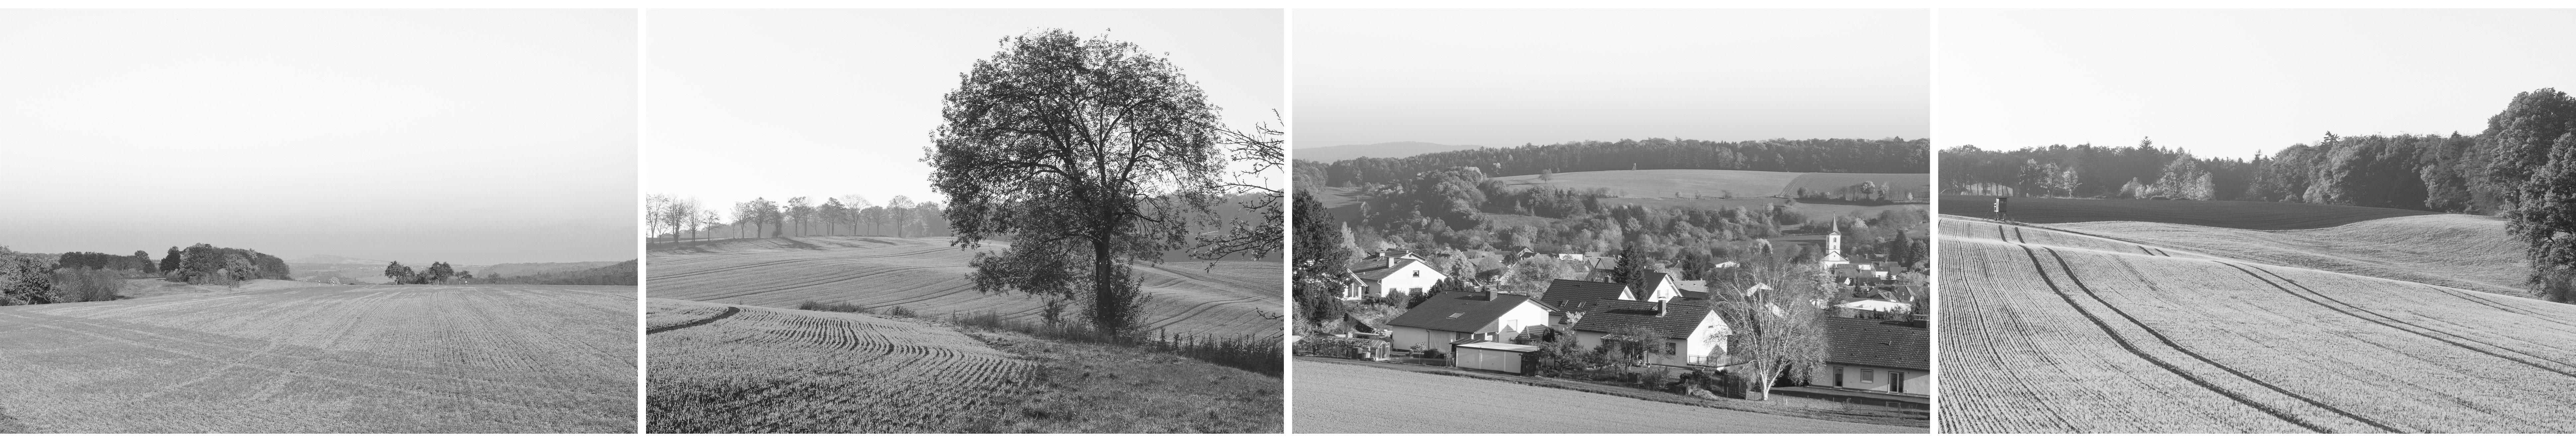 Altenkirchen_Landscape_Montage